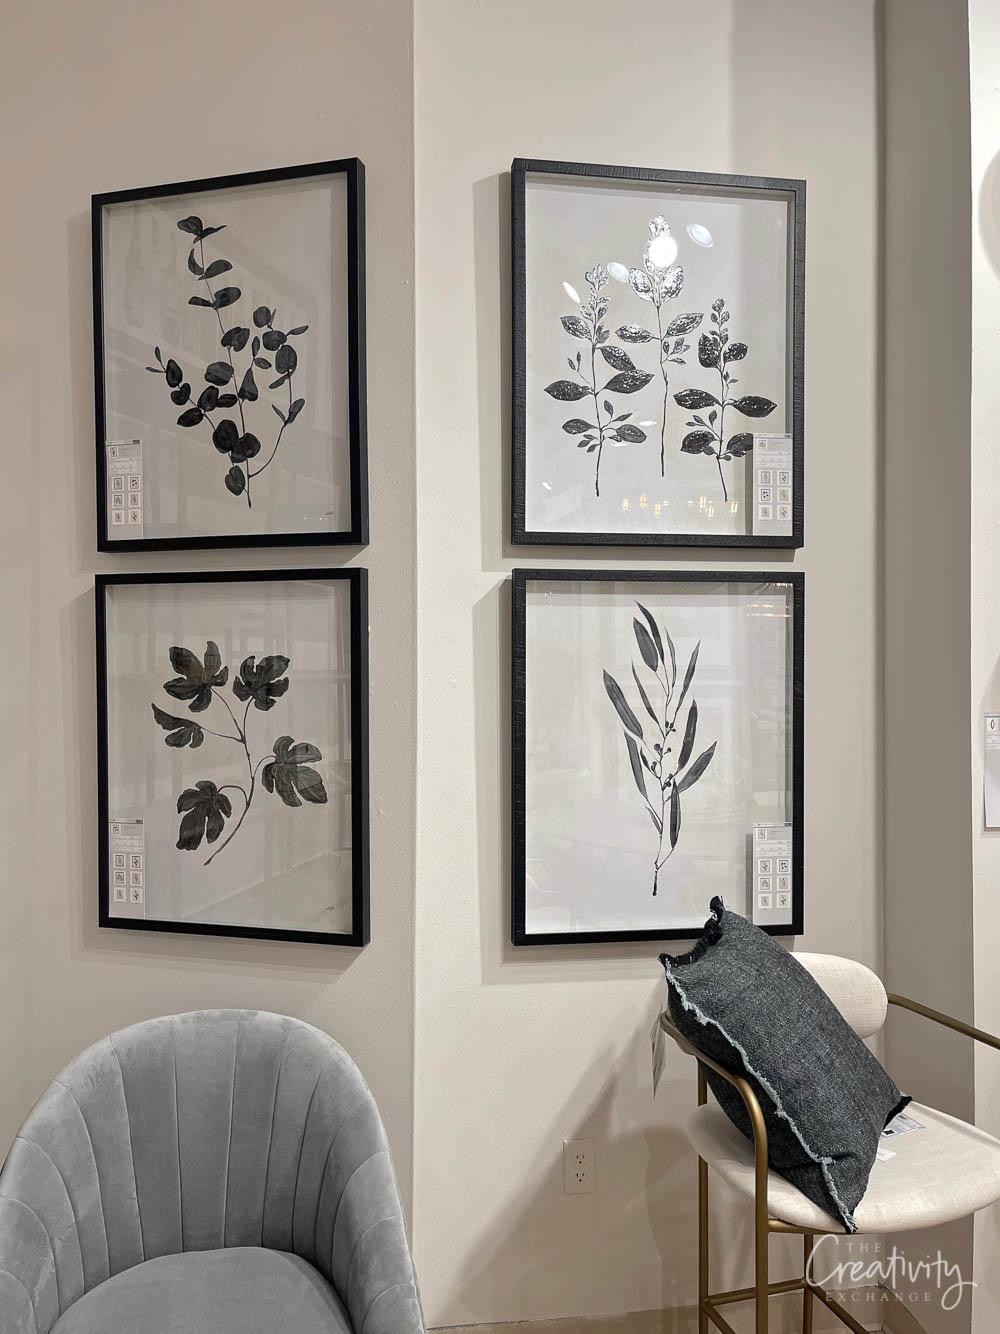 Black and white framed botanicals